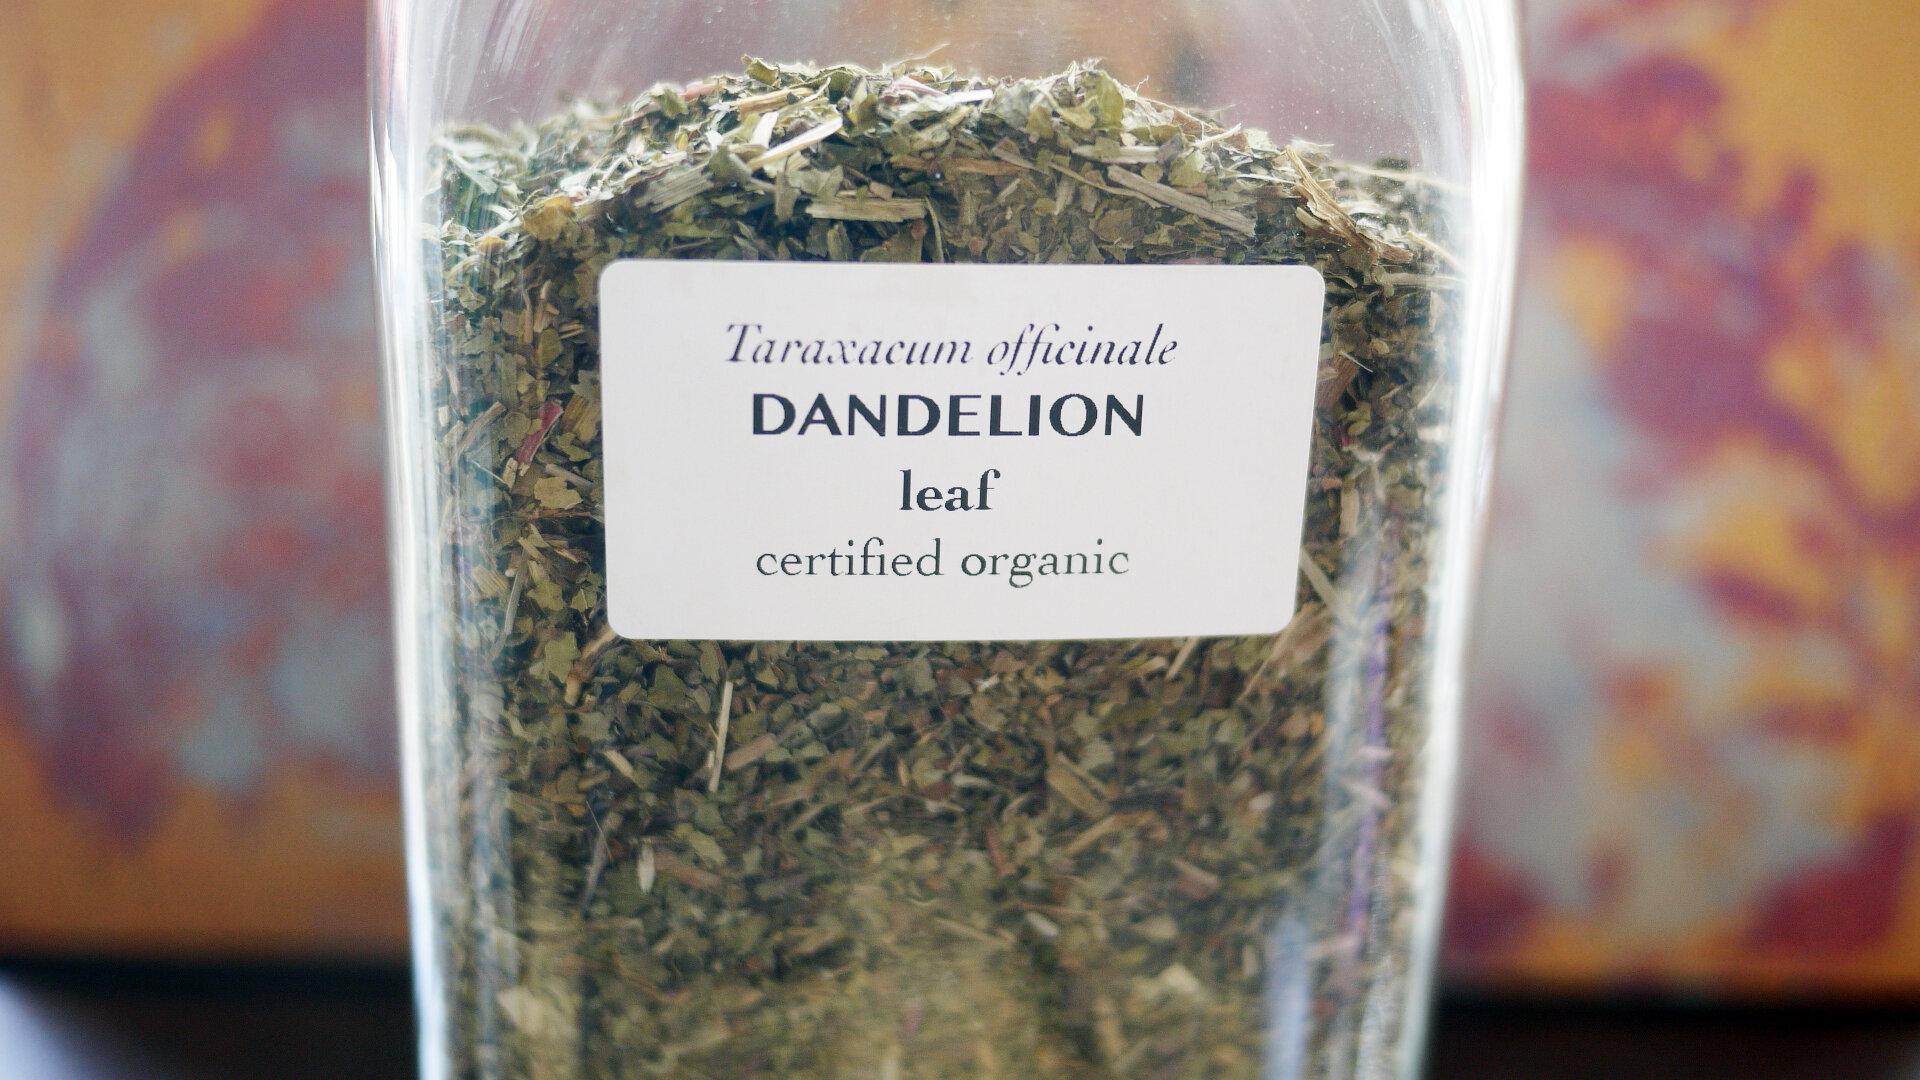 Dandelionleaf.jpg